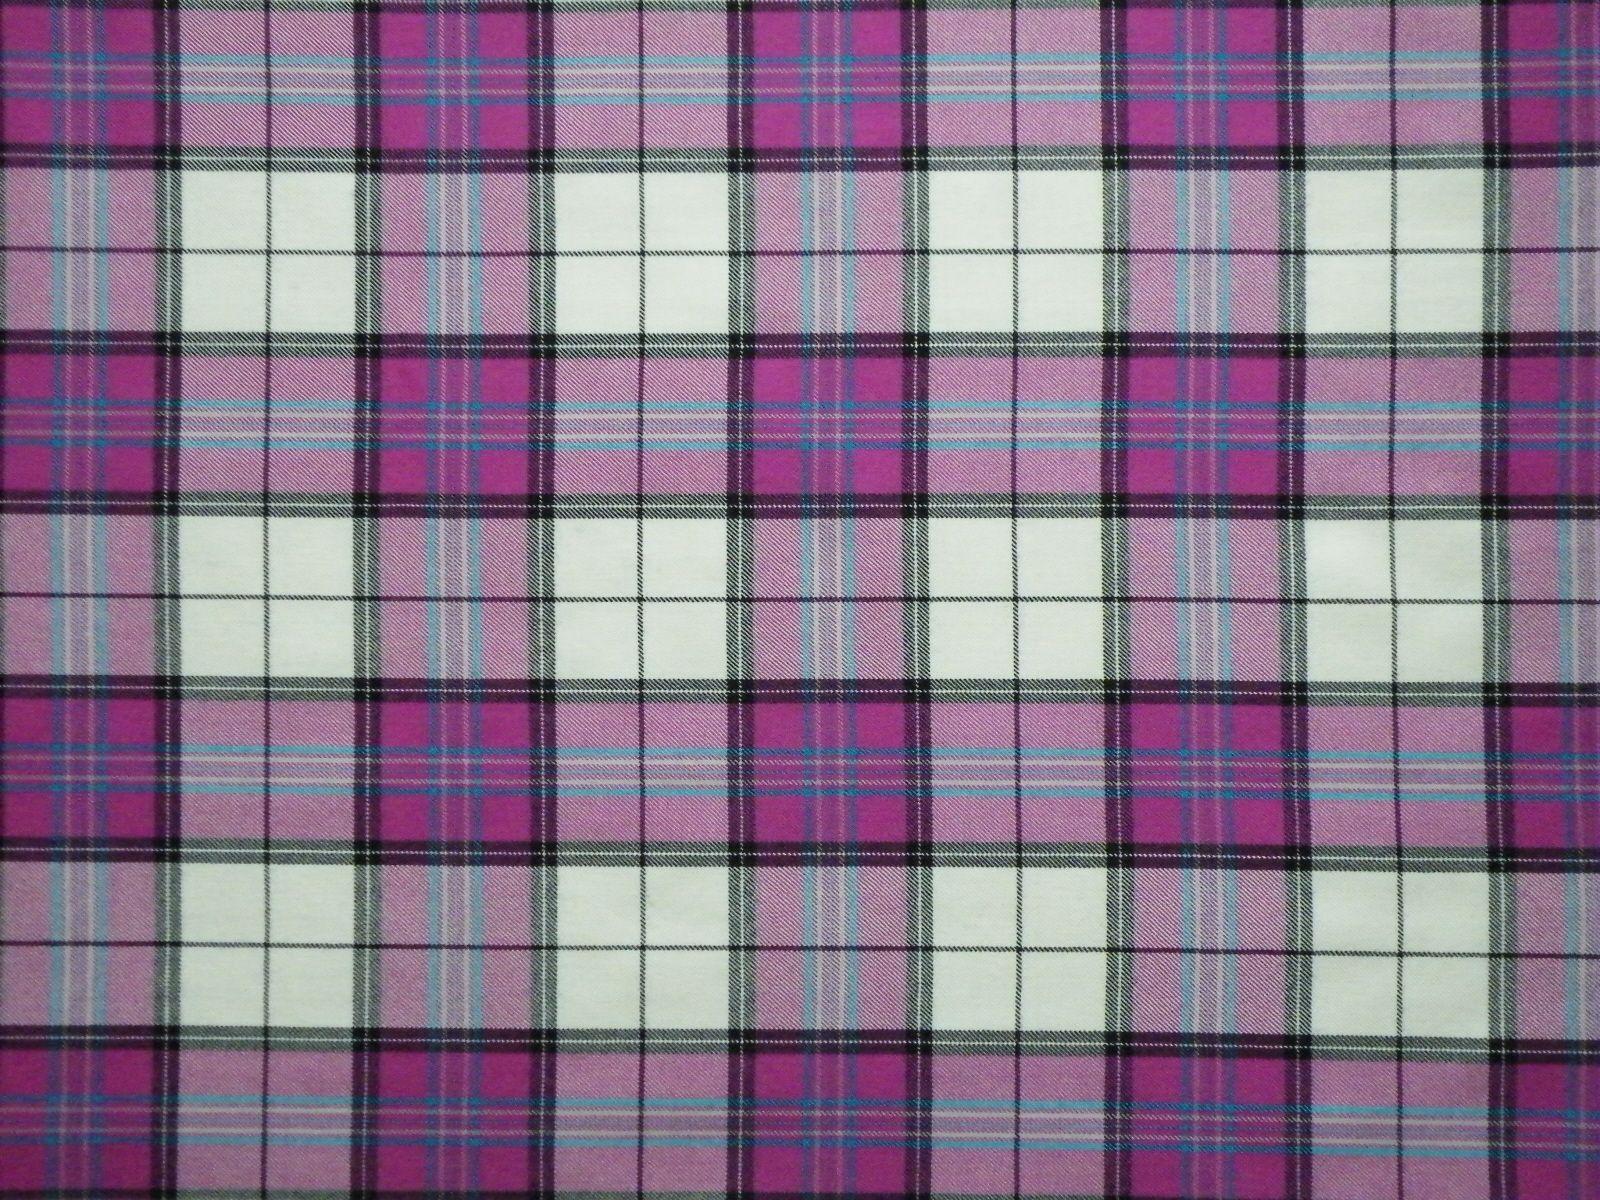 Swatch of Dress Torridon torridon pink tartan